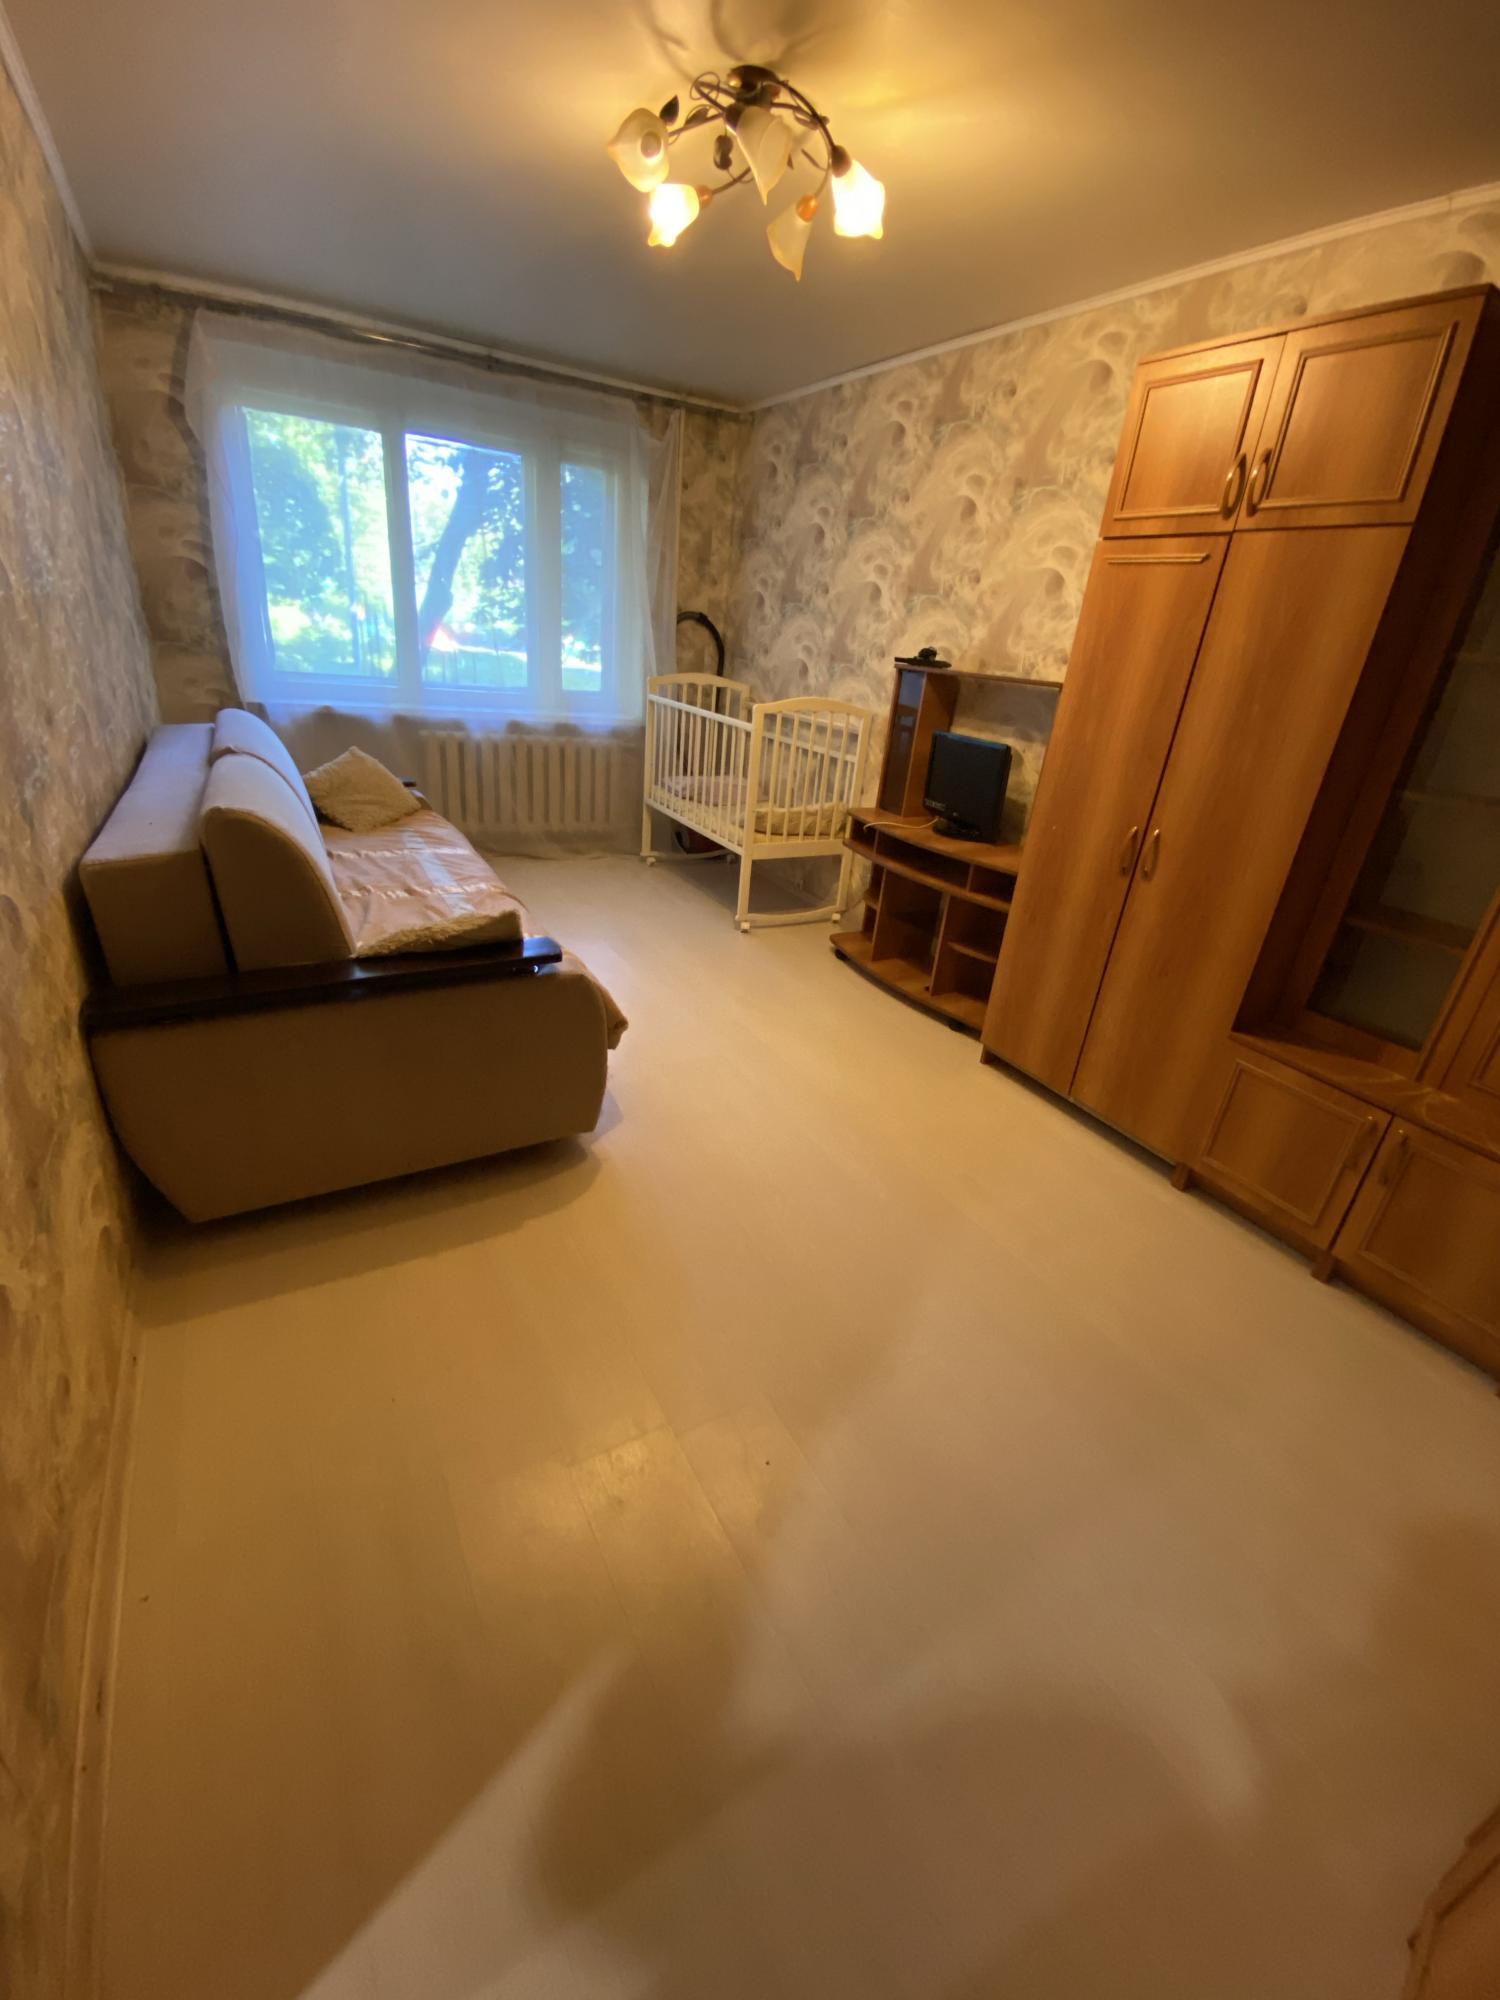 Квартира, 2 комнаты, 43 м² в Пушкино 89773266704 купить 2